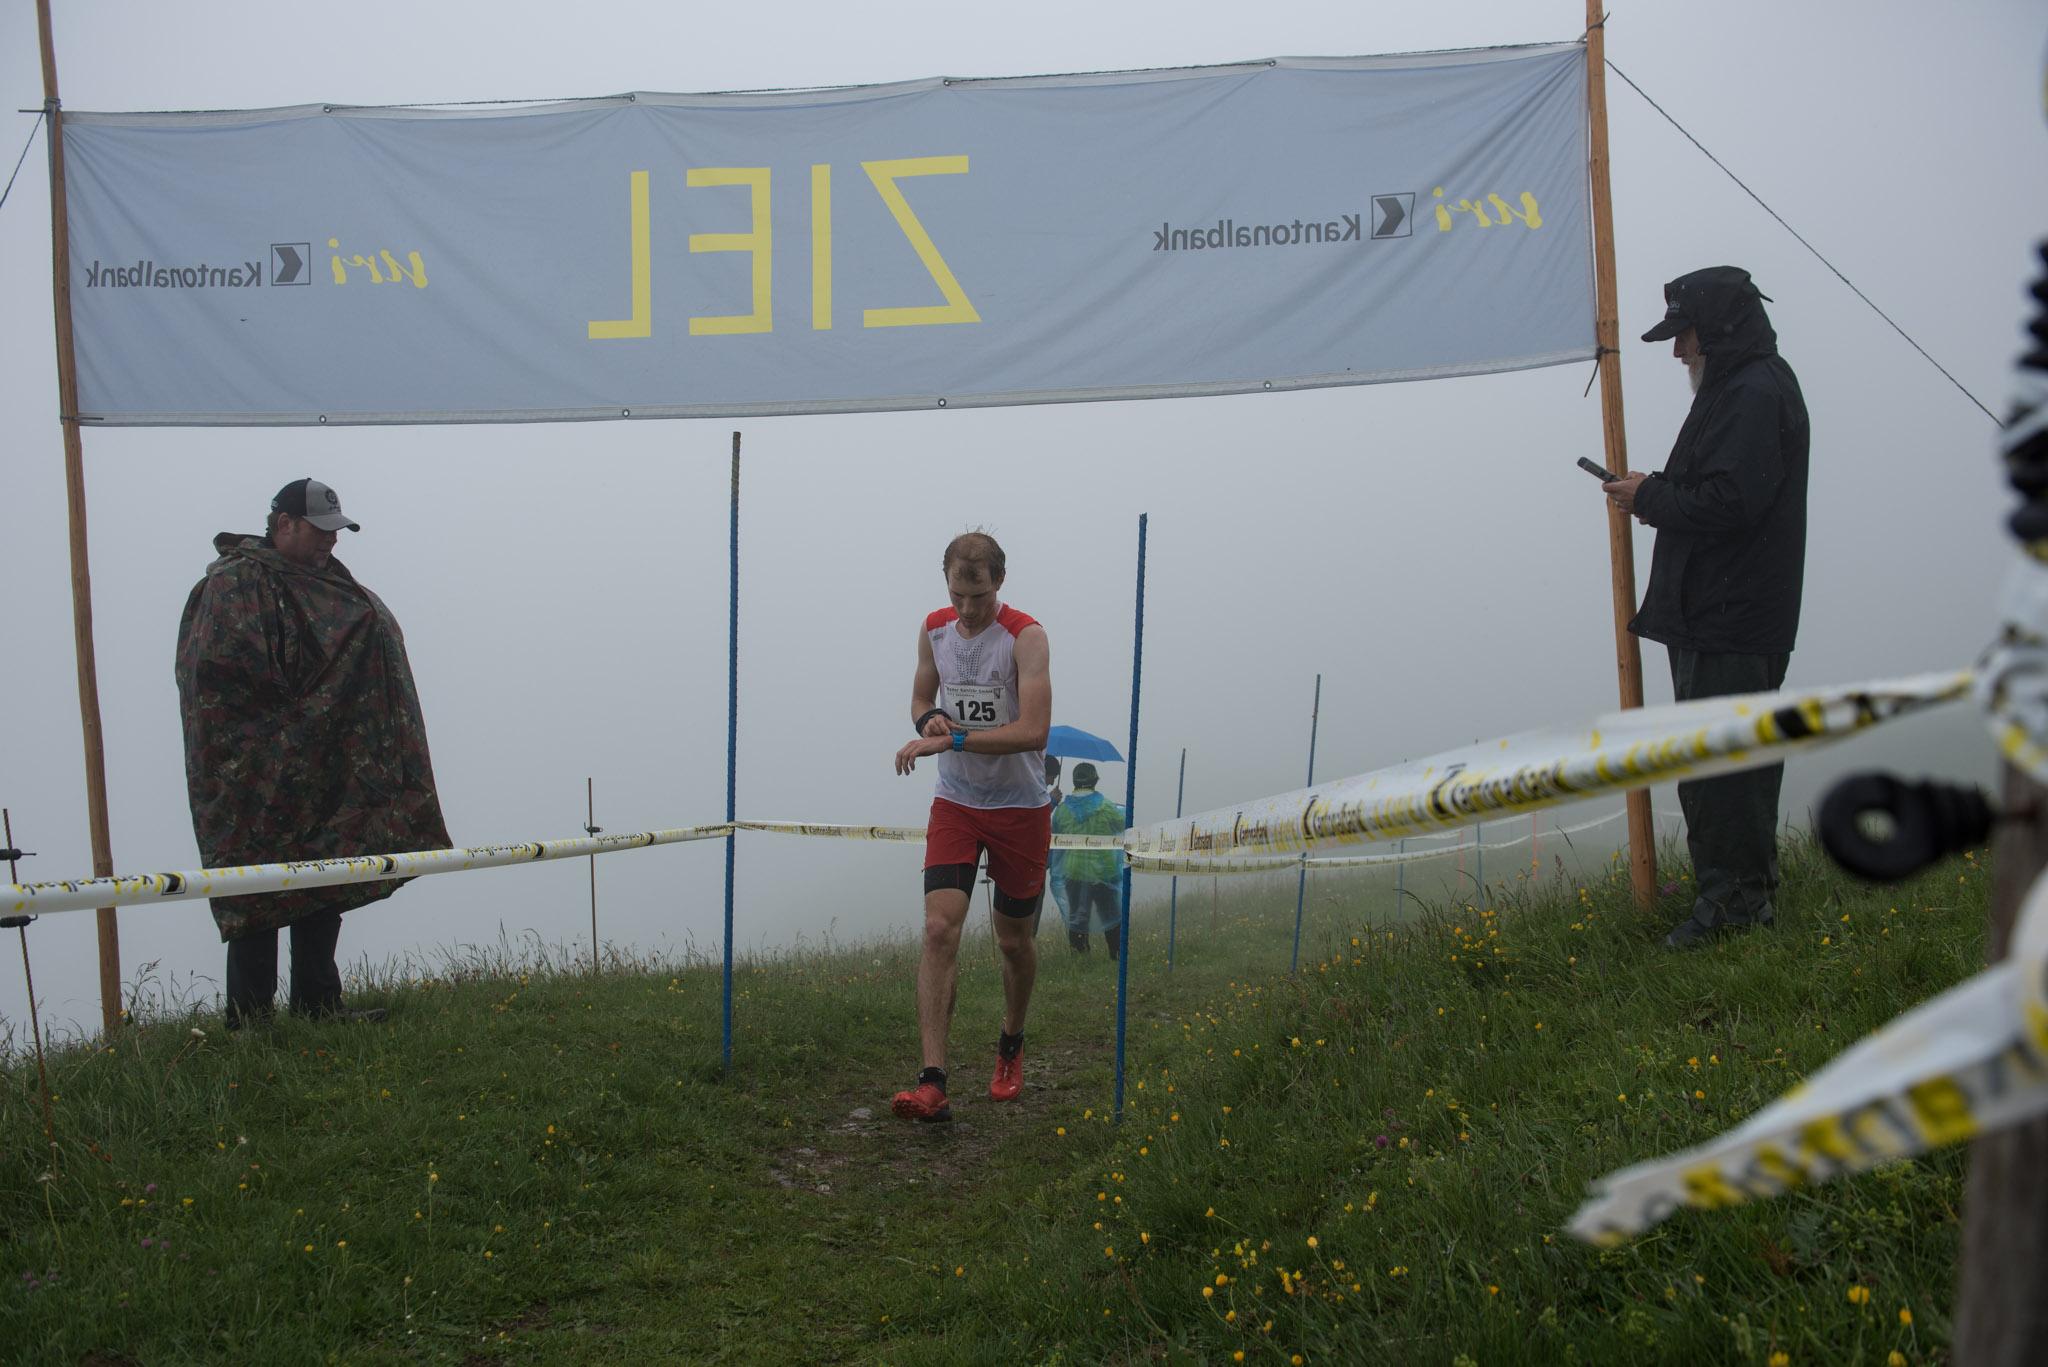 Berglauf_0019.jpg